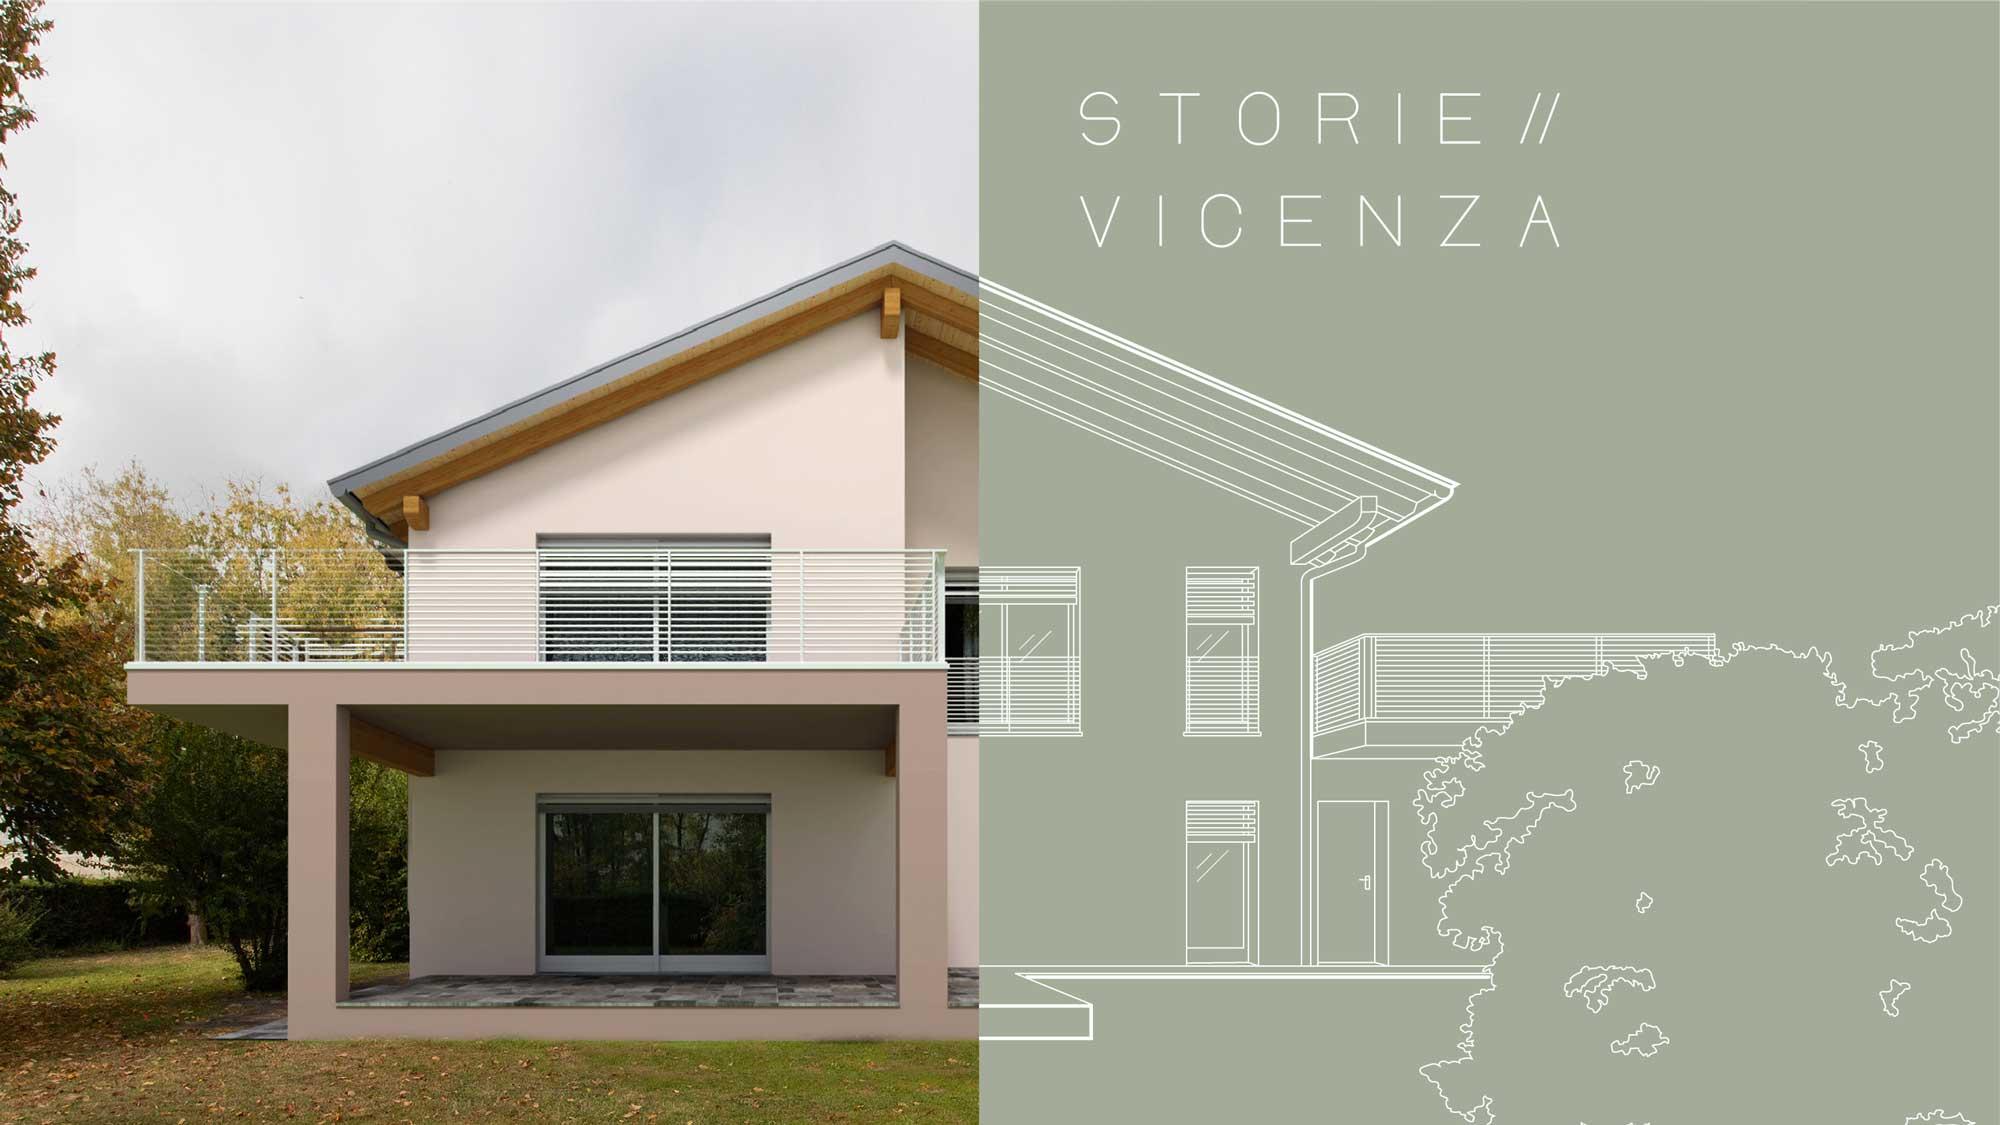 Casa in legno a Vicenza | Haume